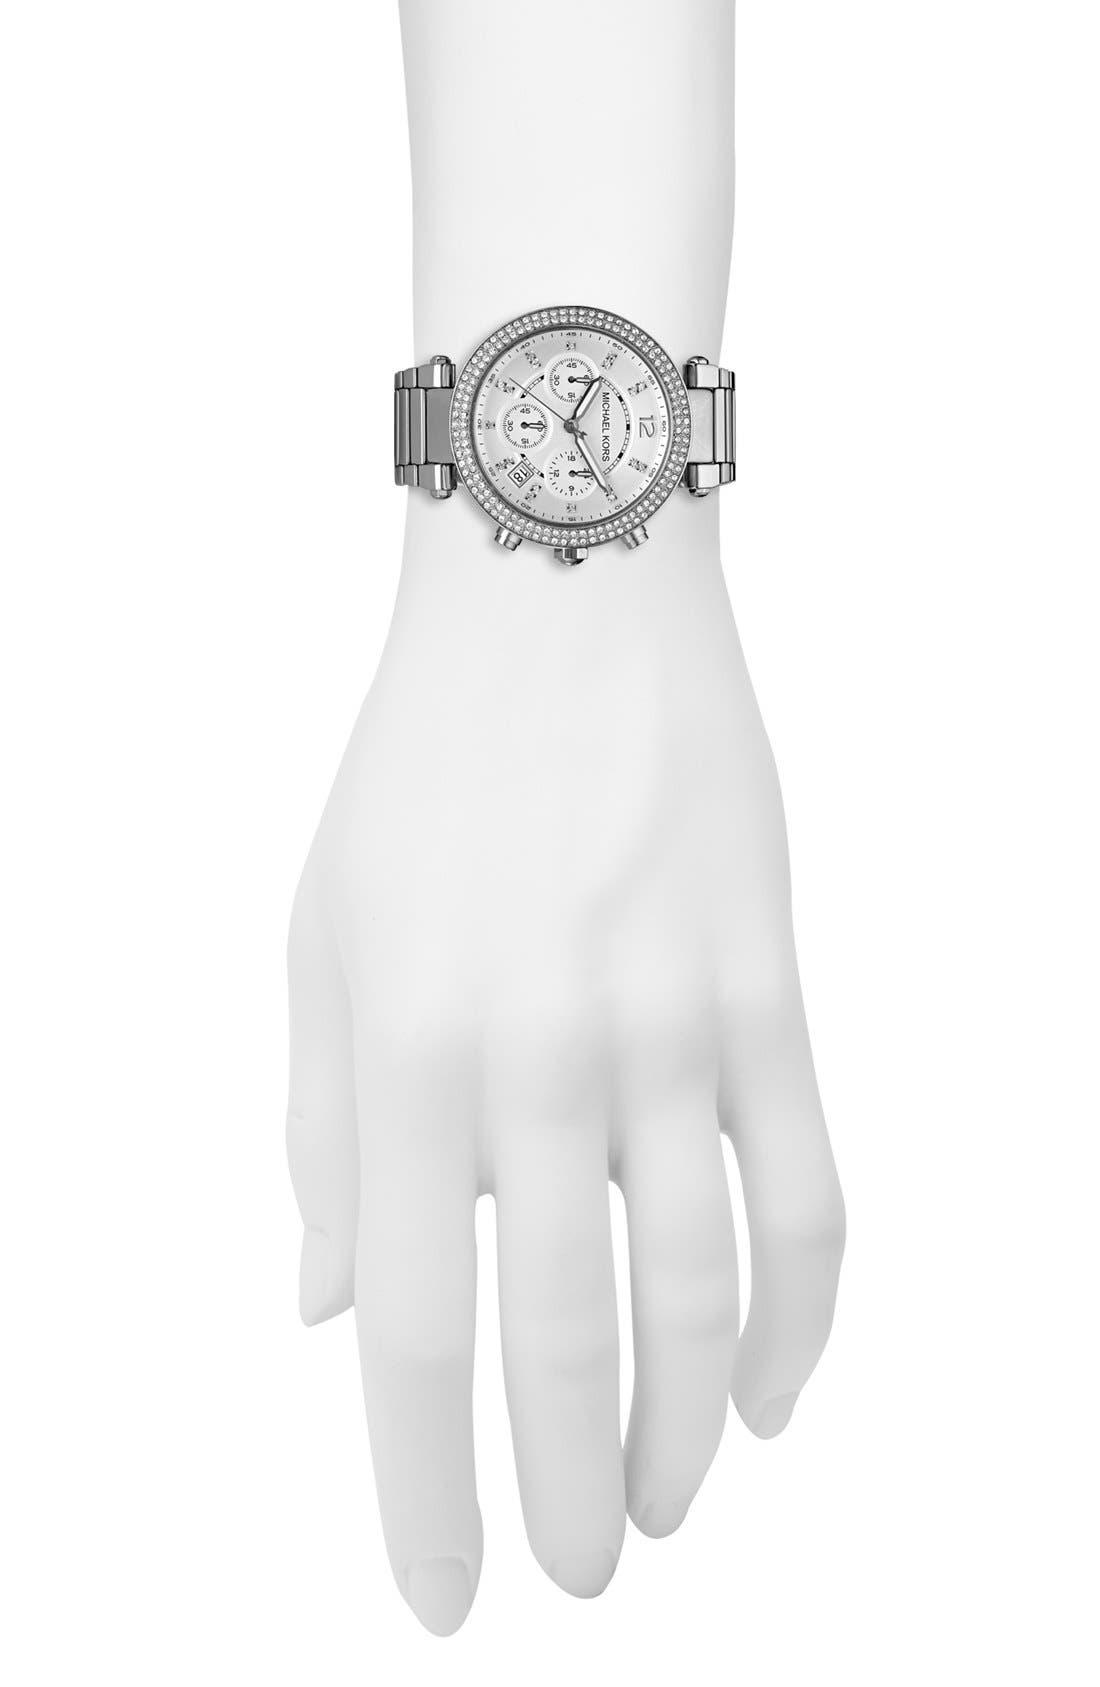 Michael Kors 'Parker' Chronograph Bracelet Watch, 39mm,                             Alternate thumbnail 4, color,                             Silver